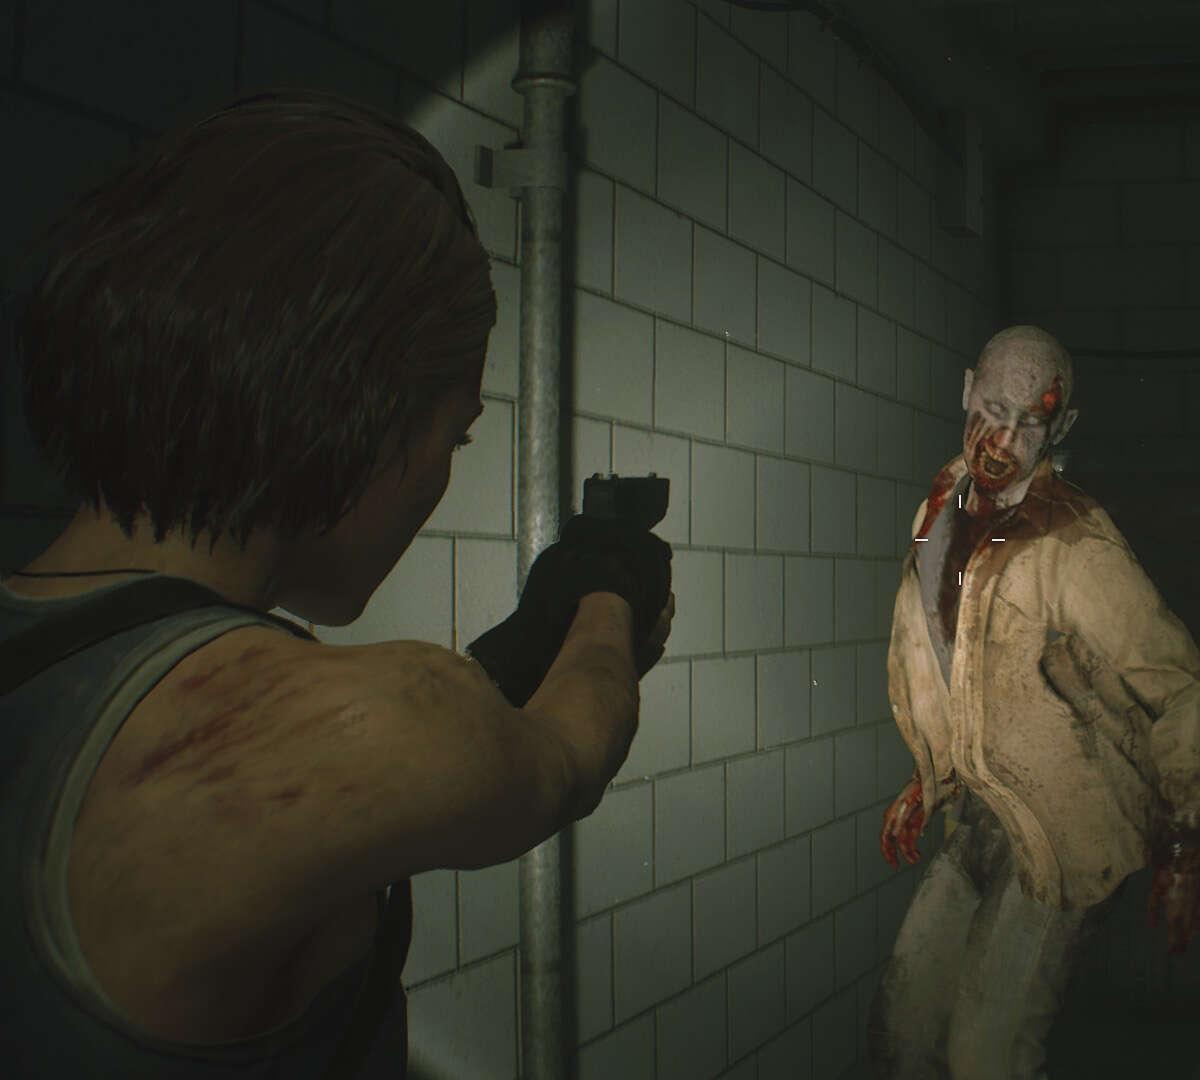 Wrażenia z Resident Evil 3 Remake. Bardzo dobrze, prawie znakomicie.